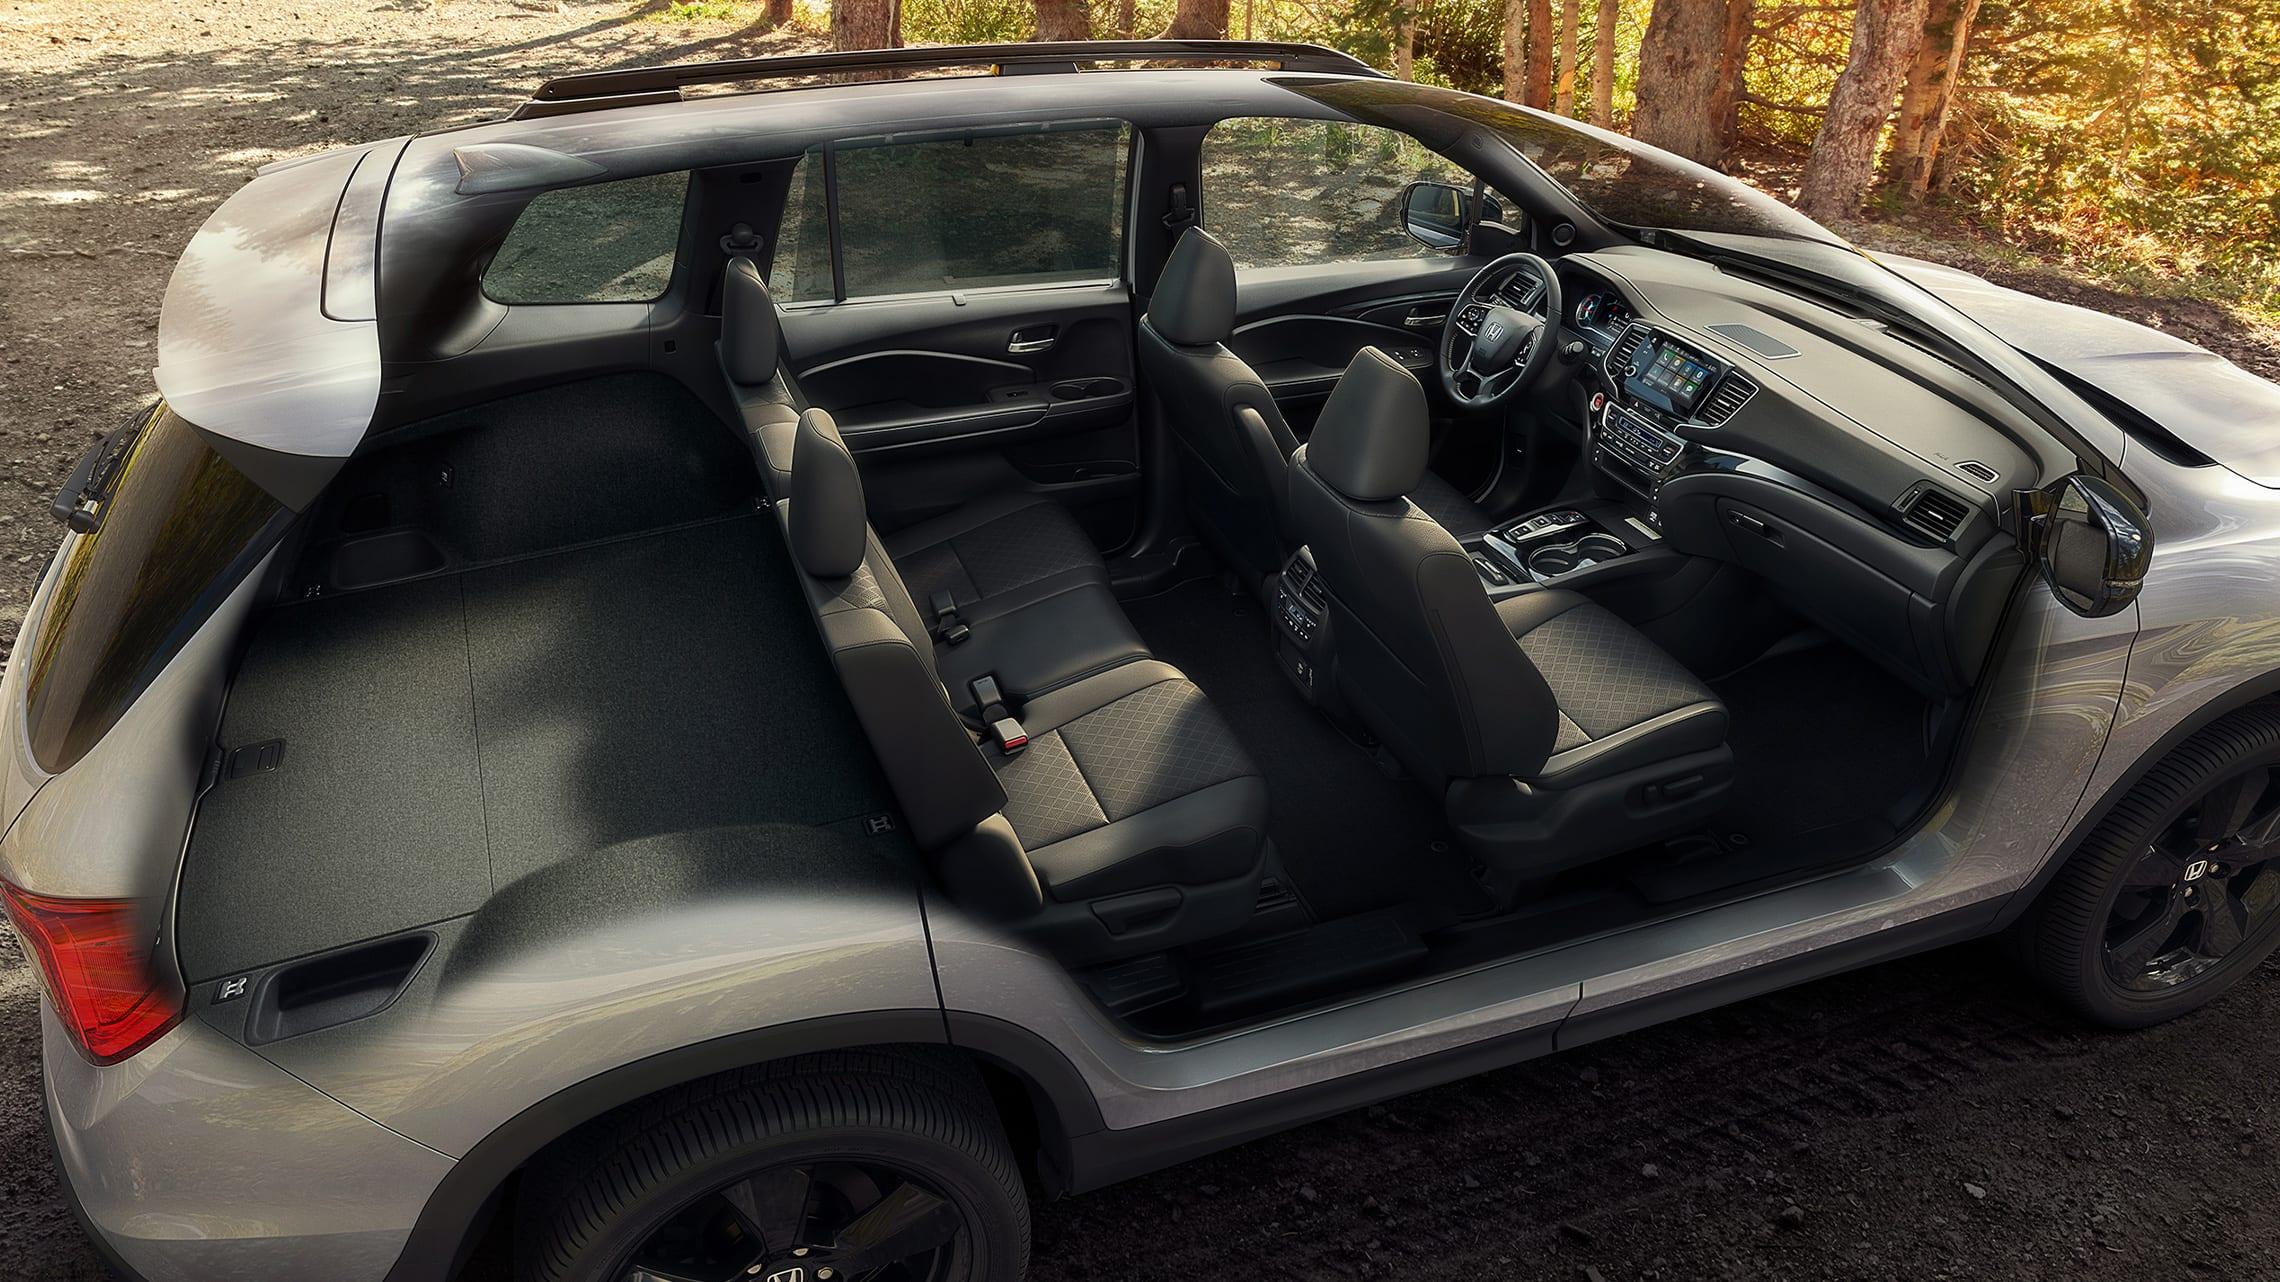 Toma completa del interior de la Honda Passport Elite 2021 con cuero Black que muestra el interior amplio y la capacidad de carga.